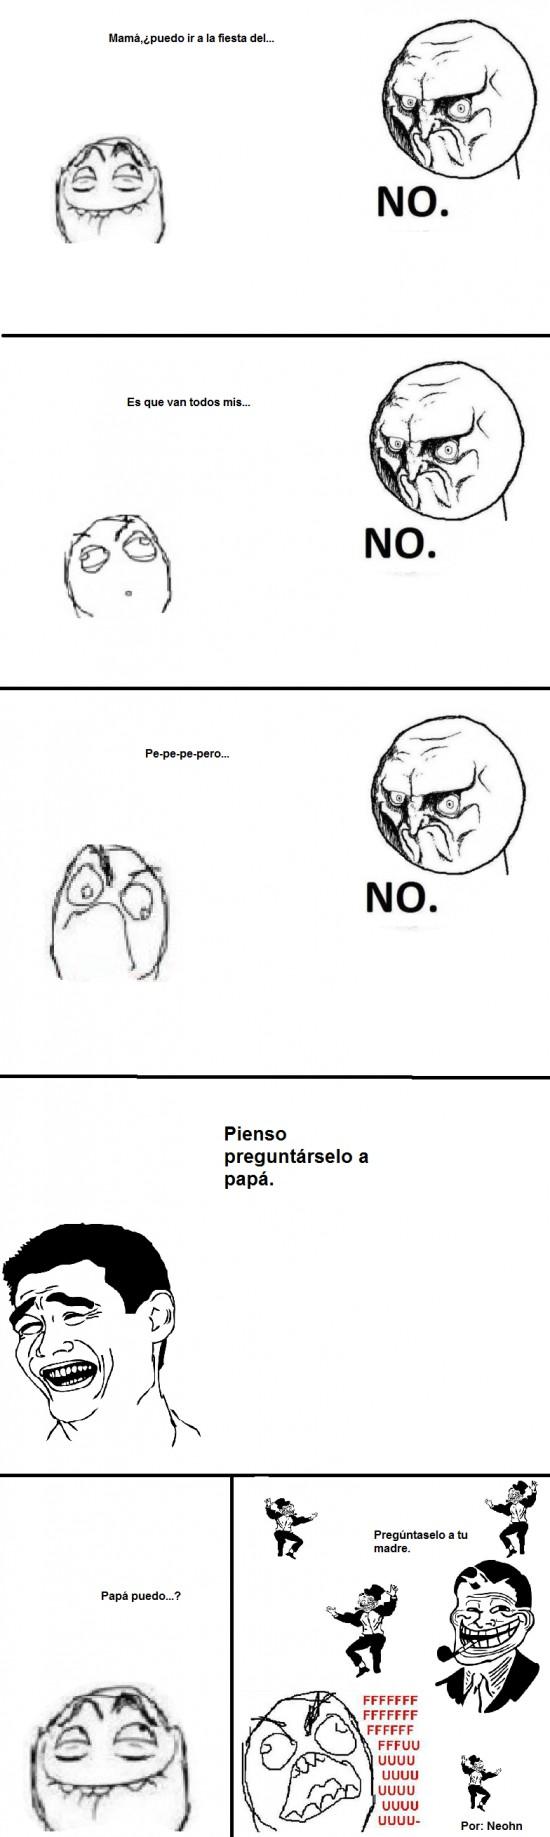 Trolldad - Puedo...